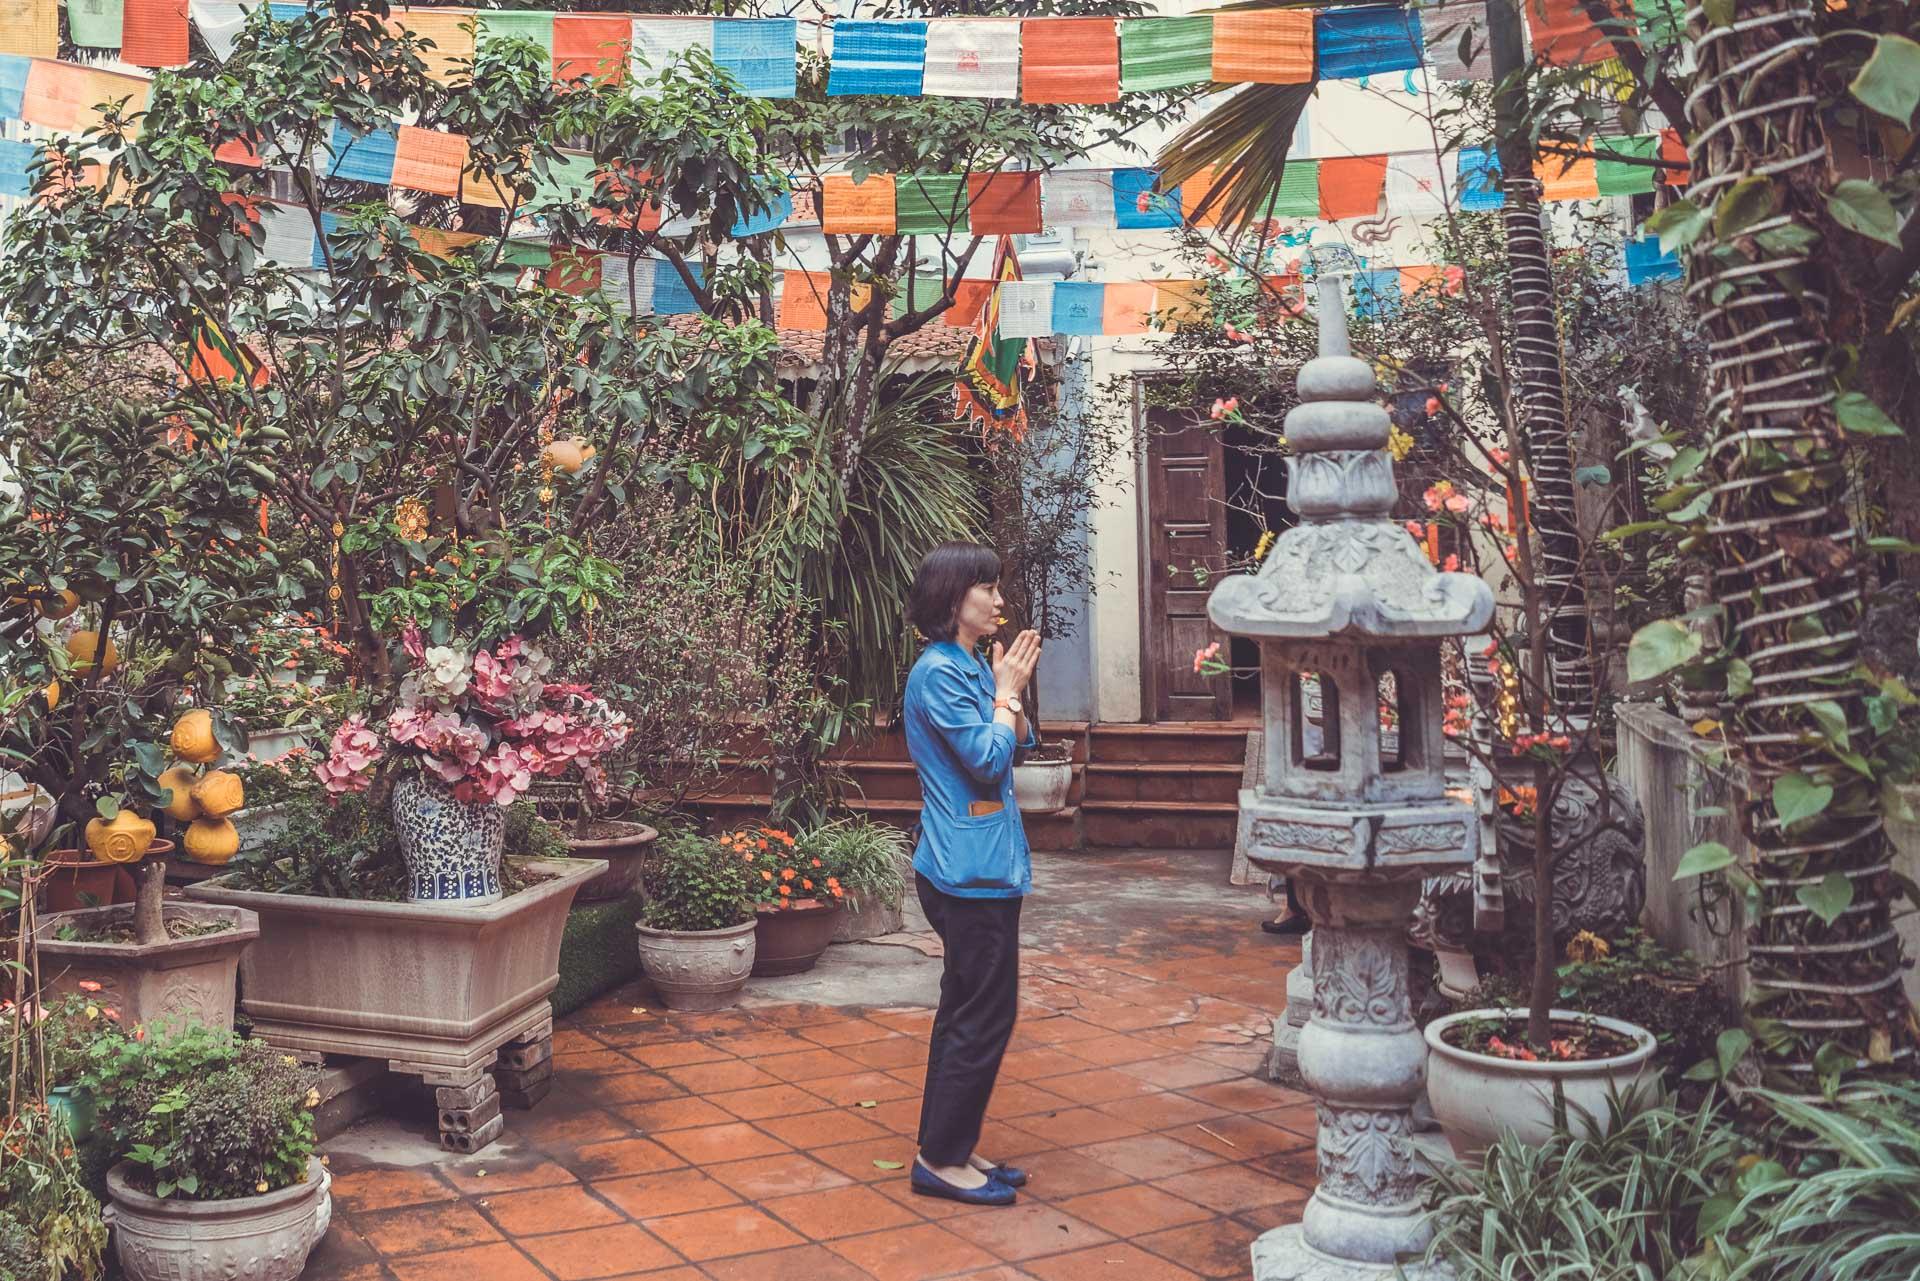 LesVoyageuses-Vietnam-hanoi-tour-vespa-adventures-25